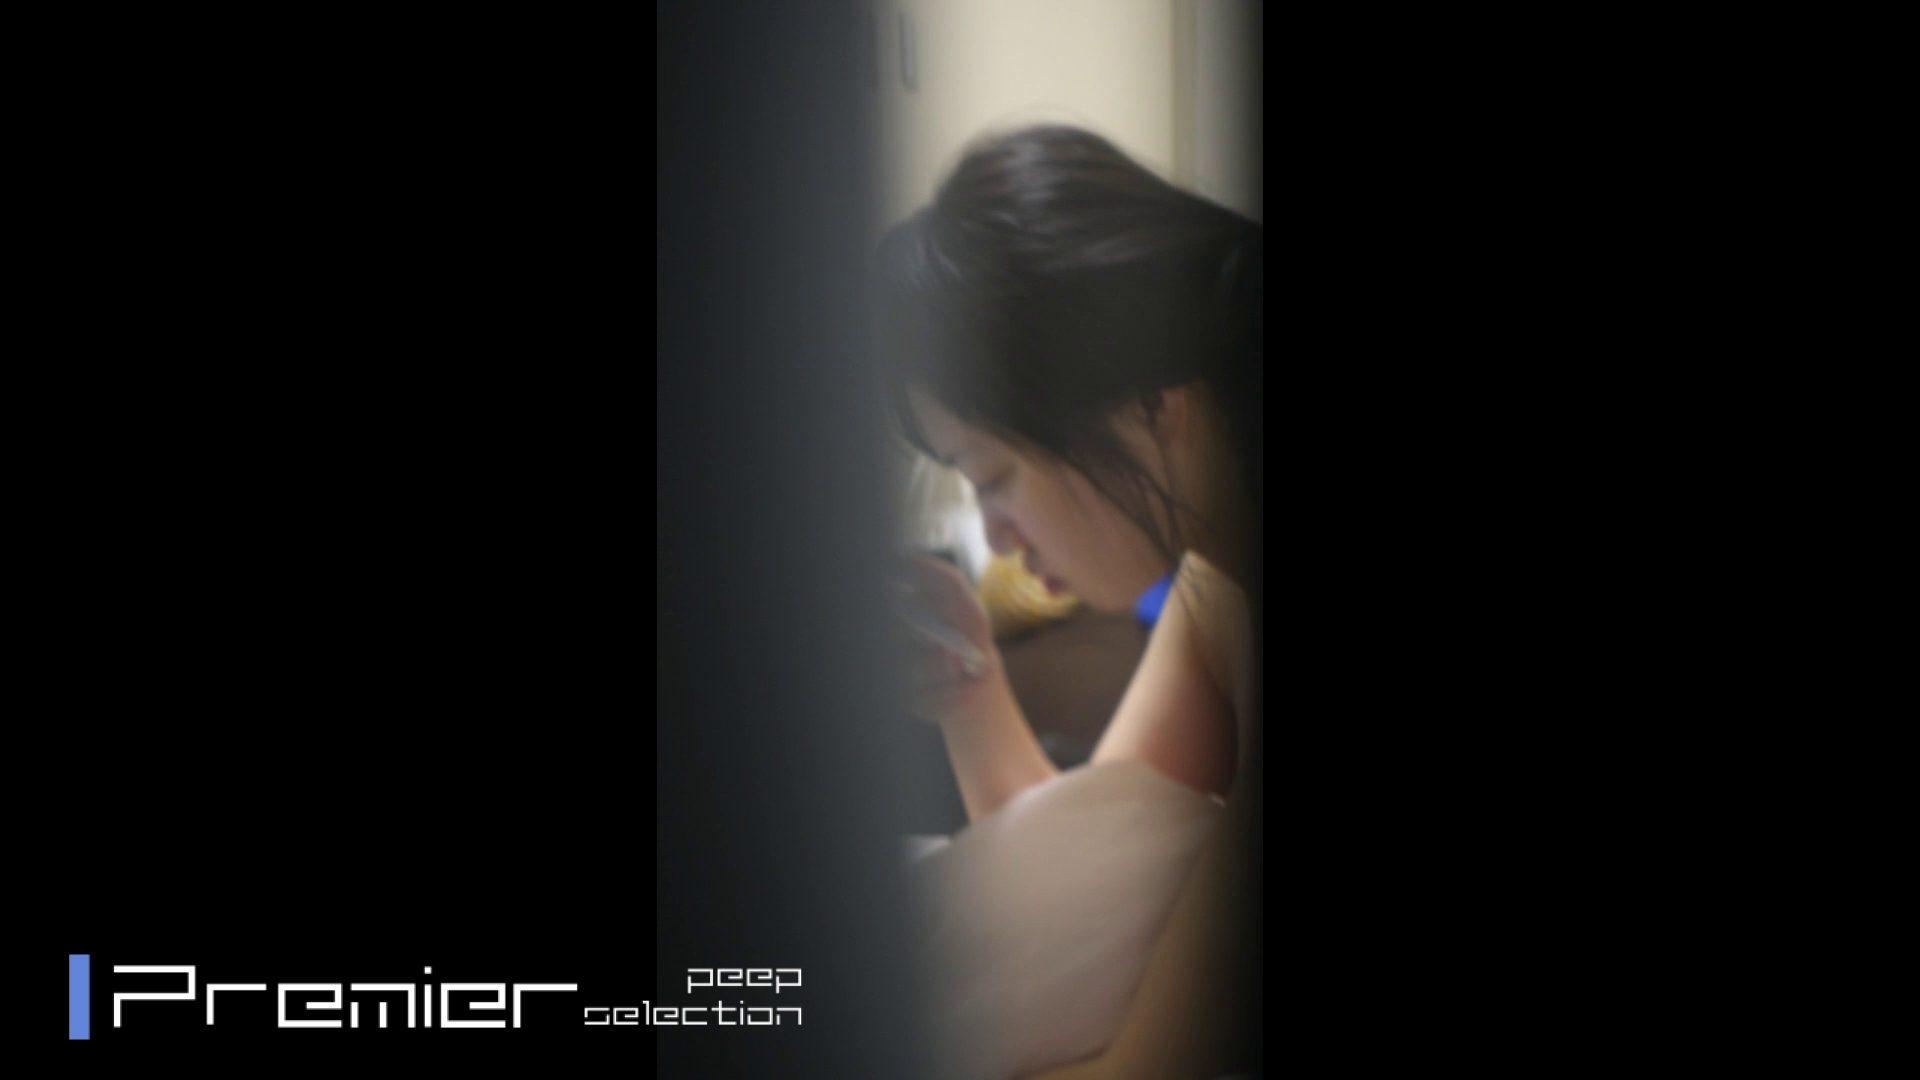 美女達の私生活に潜入!一人暮らし女子大生の部屋ヌード 女子大生達のヌード   潜入エロ調査  65連発 64